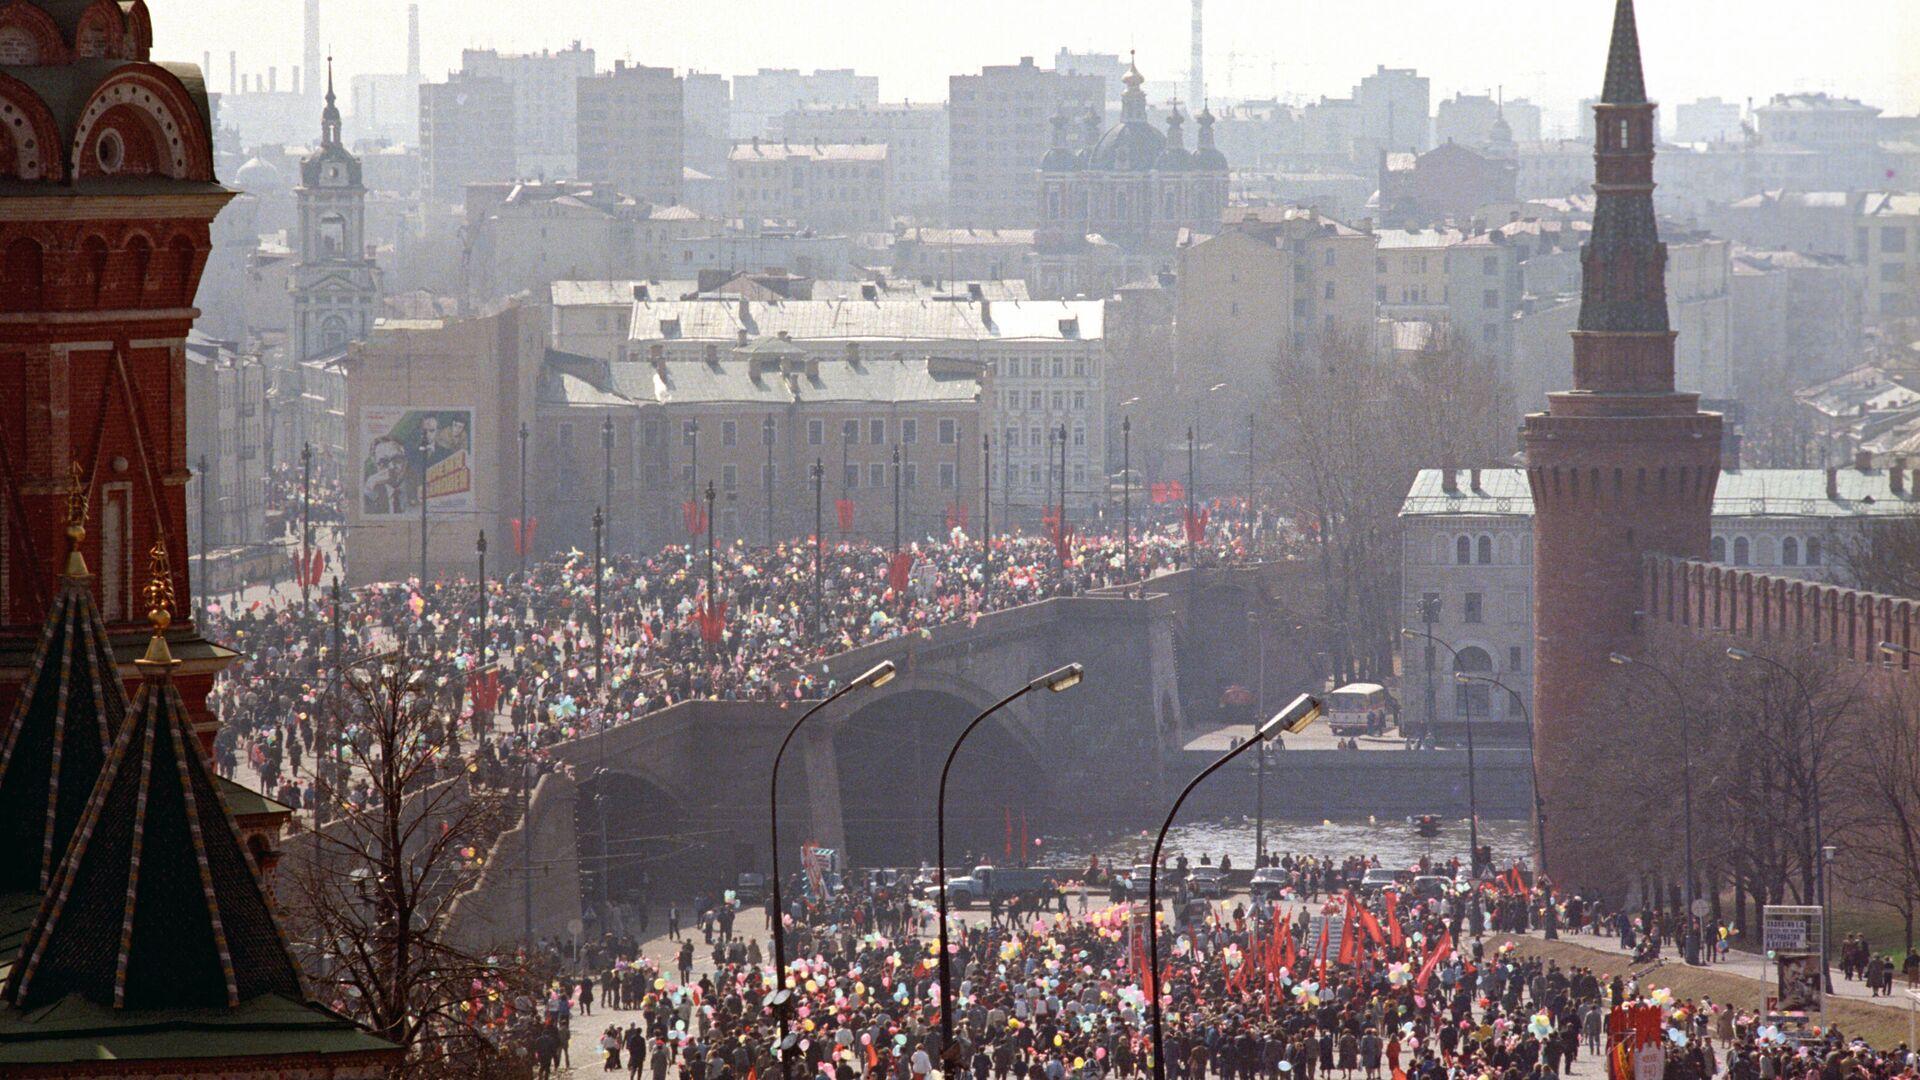 Участники демонстрации в центре города в День международной солидарности трудящихся (1 мая 1987 года) - РИА Новости, 1920, 17.07.2021